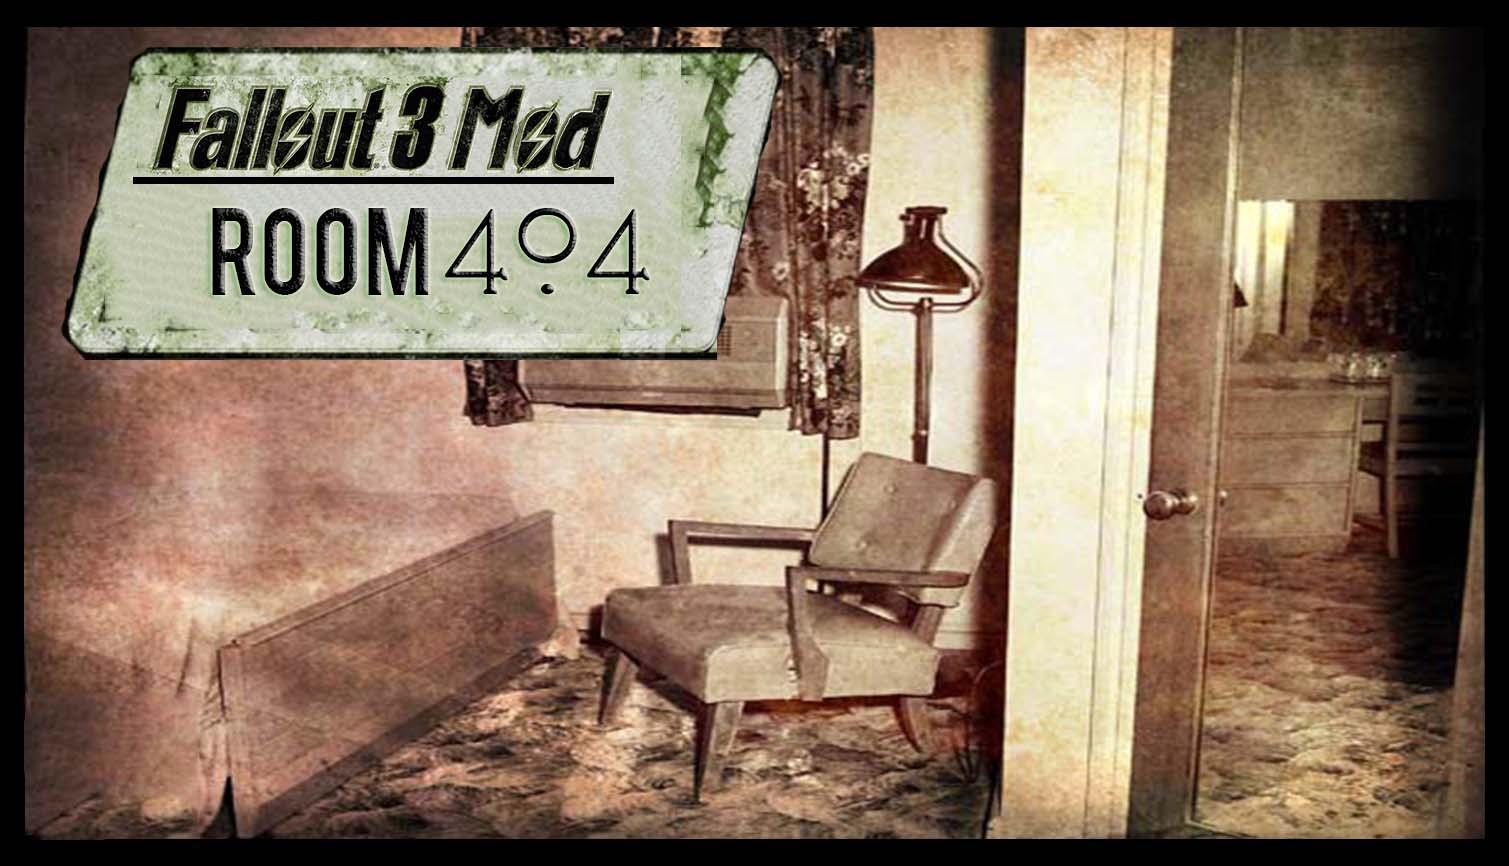 Fallout3 ROOM 404